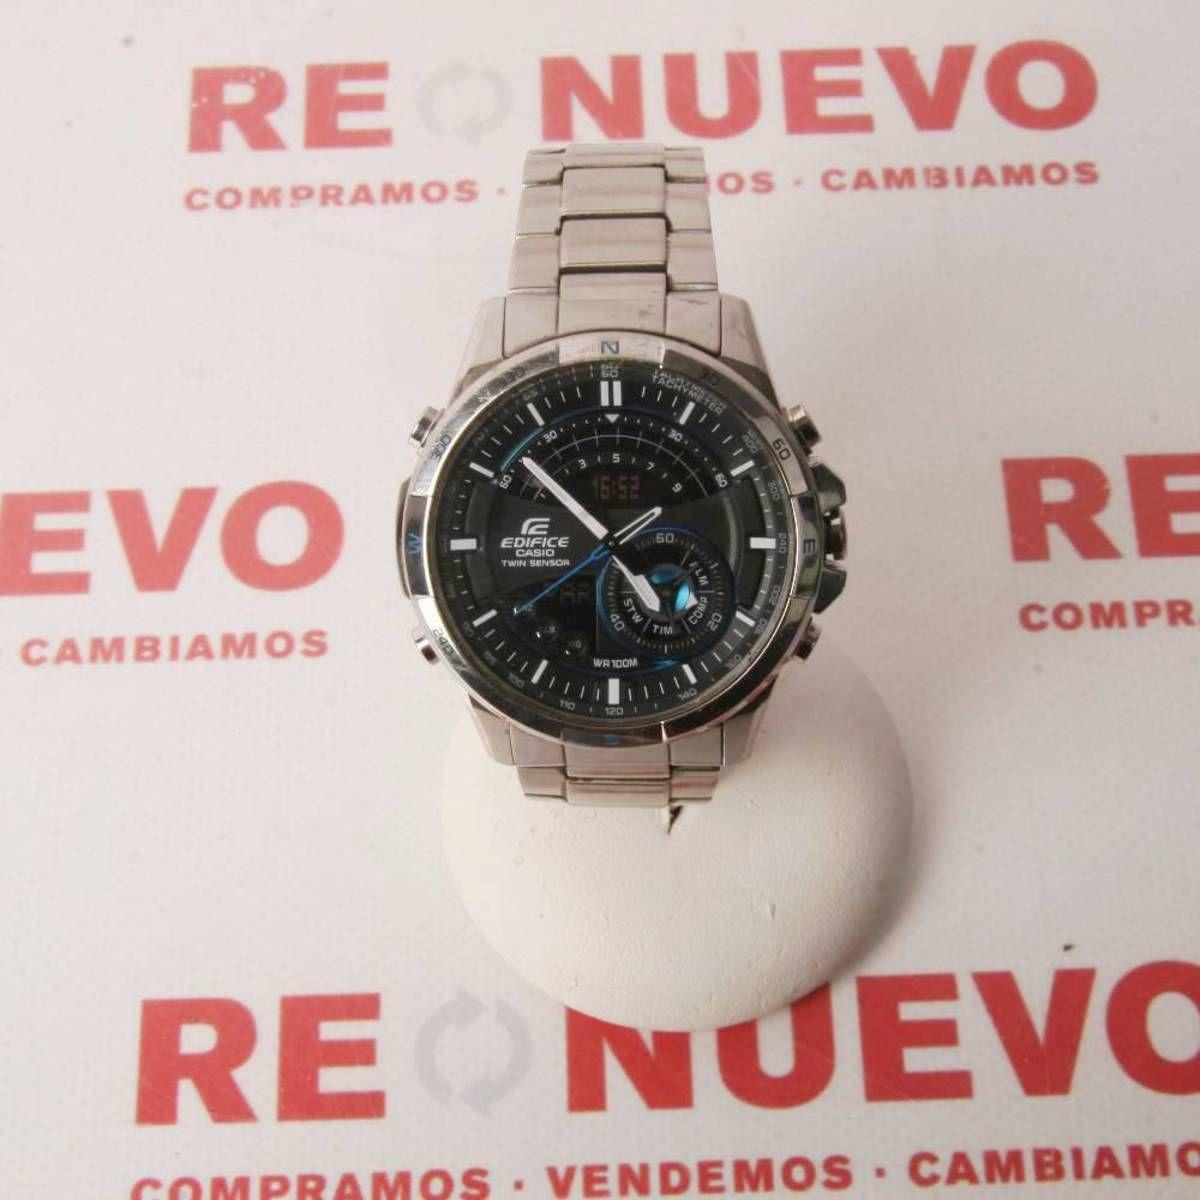 E277418Tienda G Mano 5303 Segunda Edifice Reloj Casio De Online dWroxBeQEC